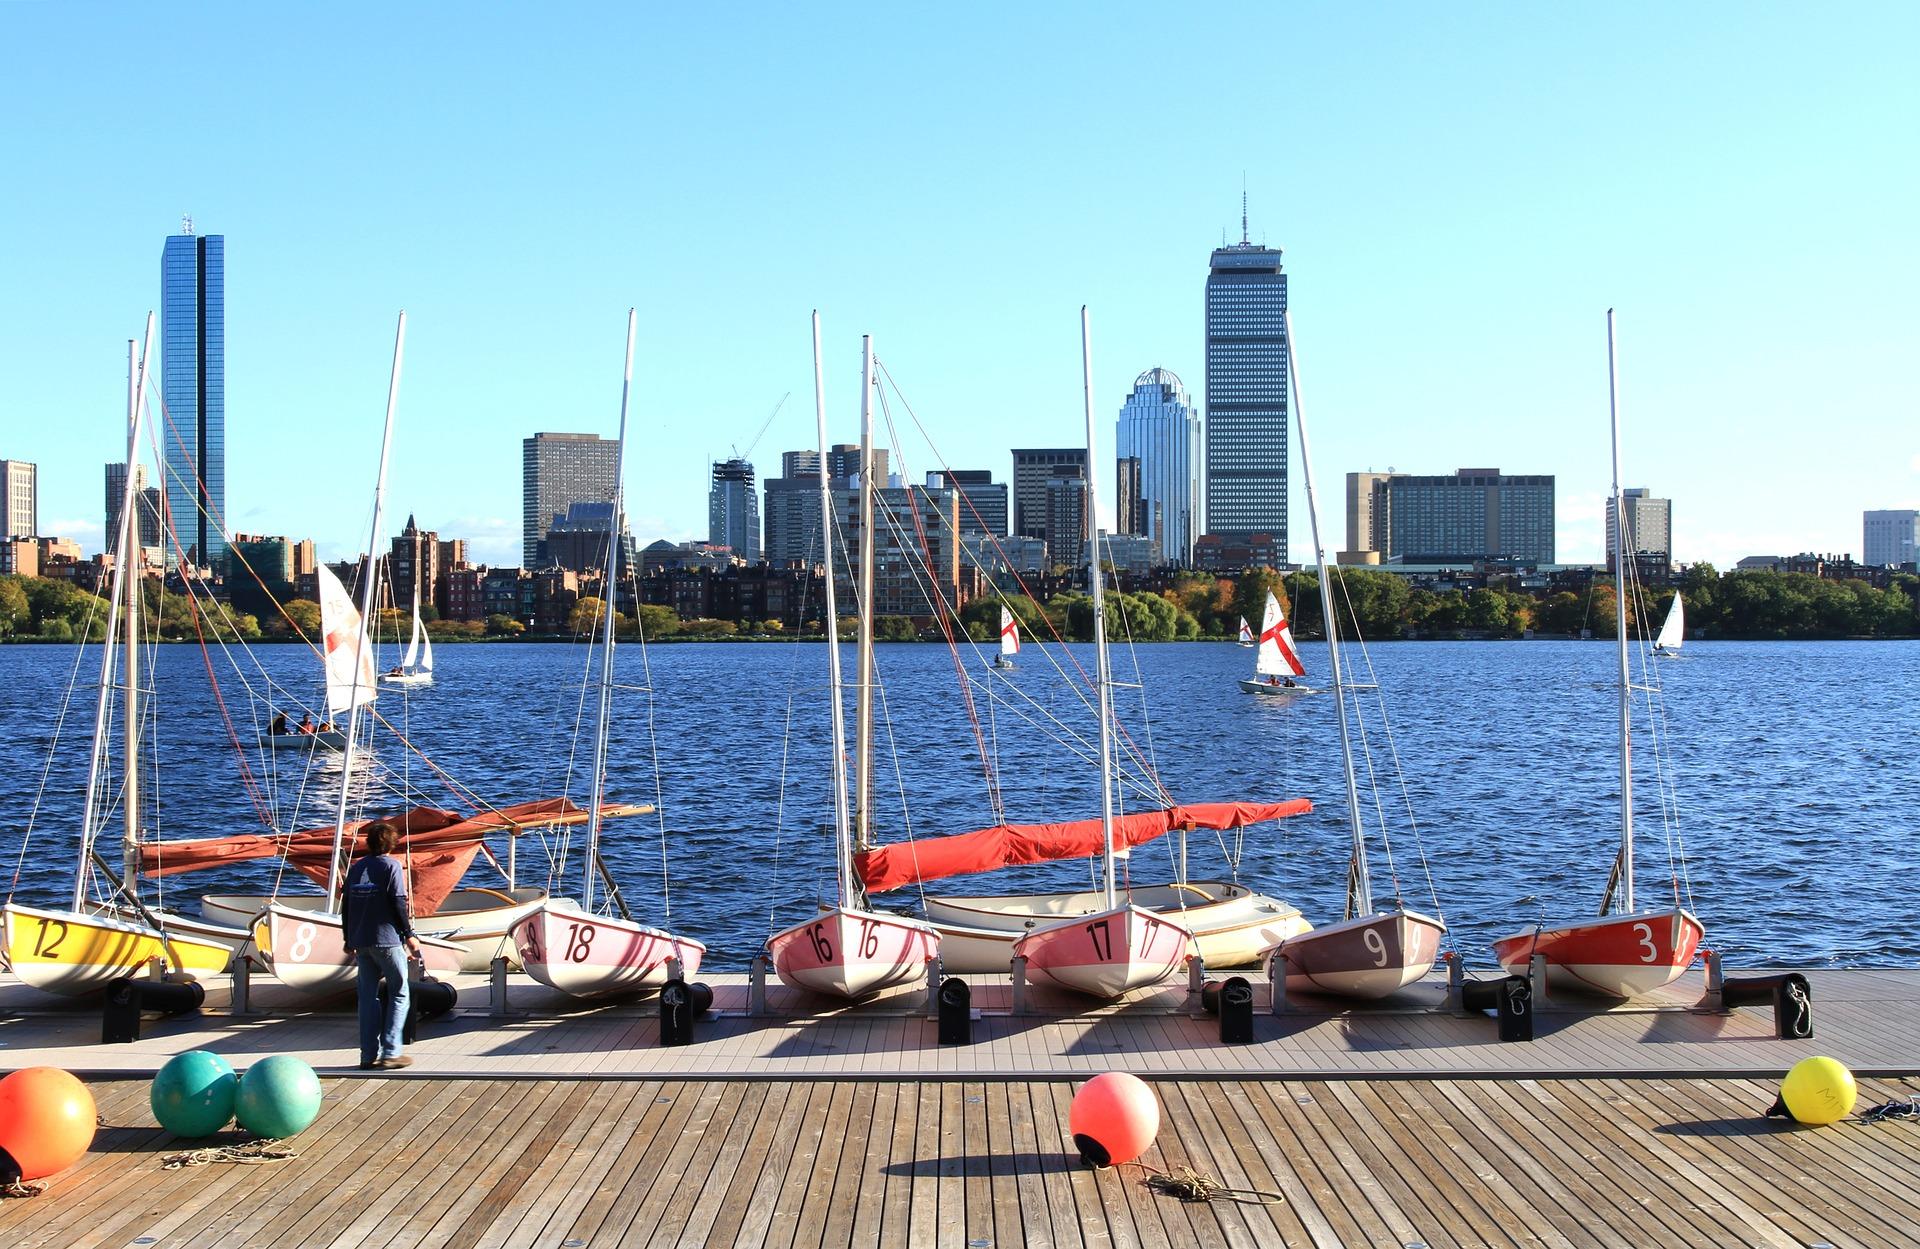 茶会 事件 ボストン